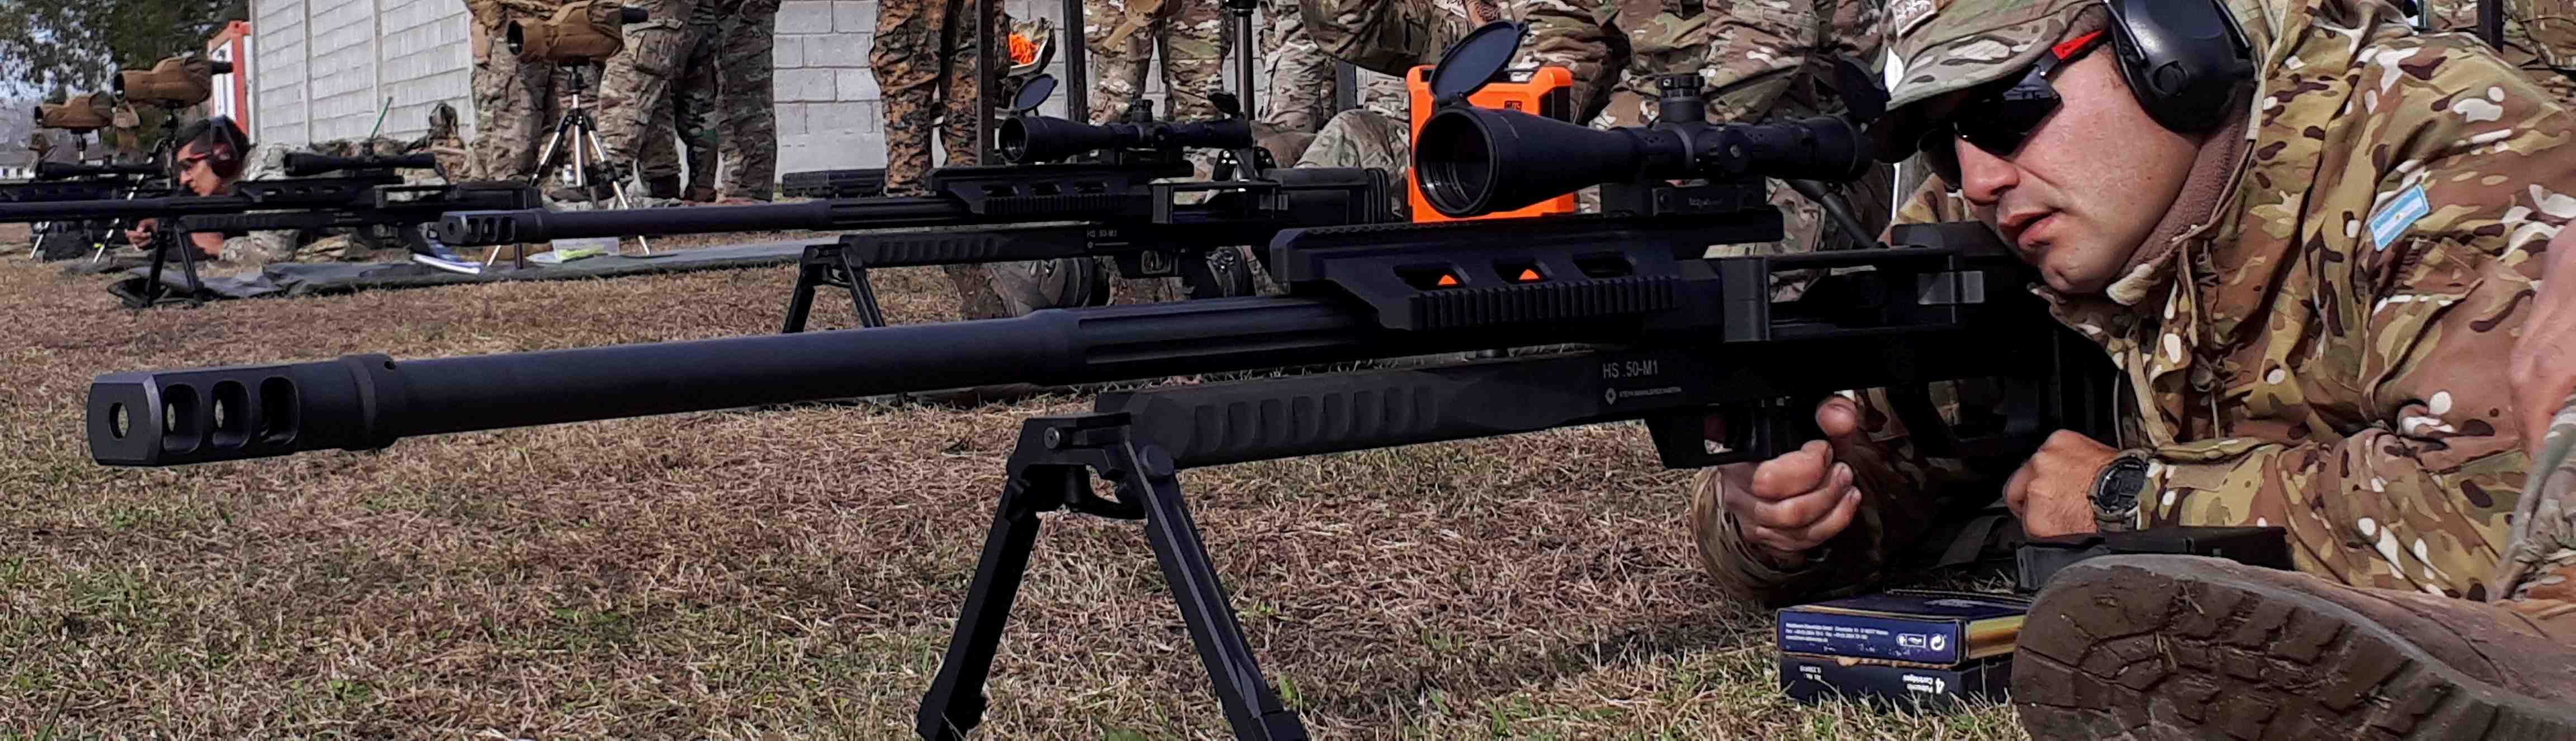 Francotiradores del Ejército Argentino realizan un entrenamiento en Misiones